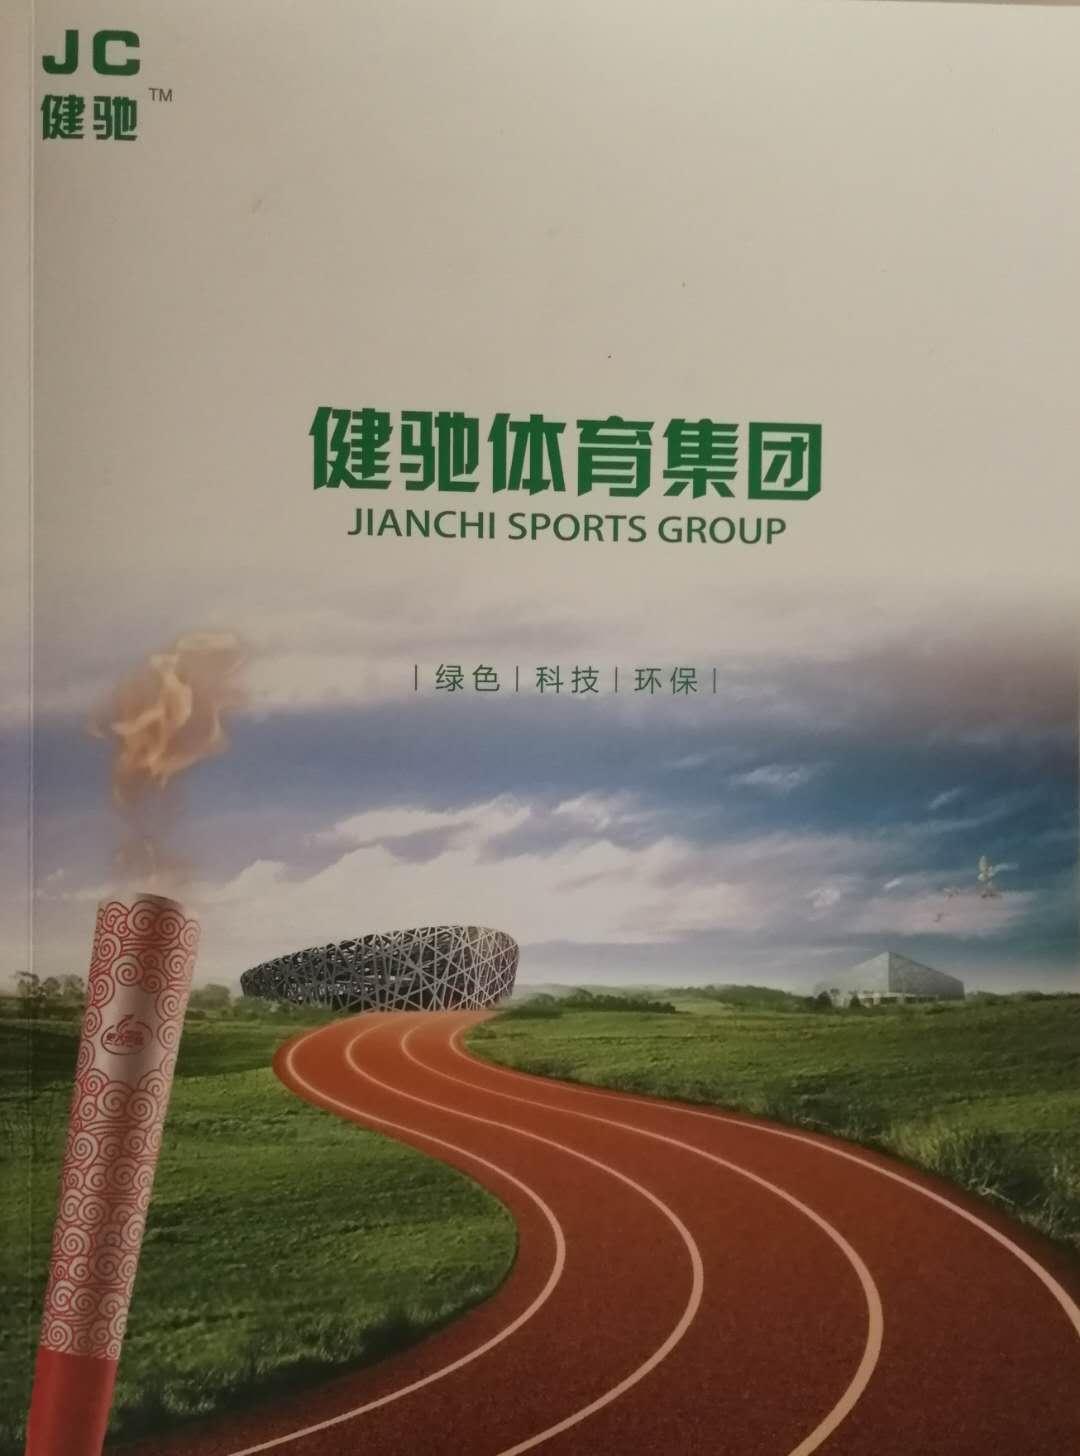 武漢健馳體育設施工程有限公司